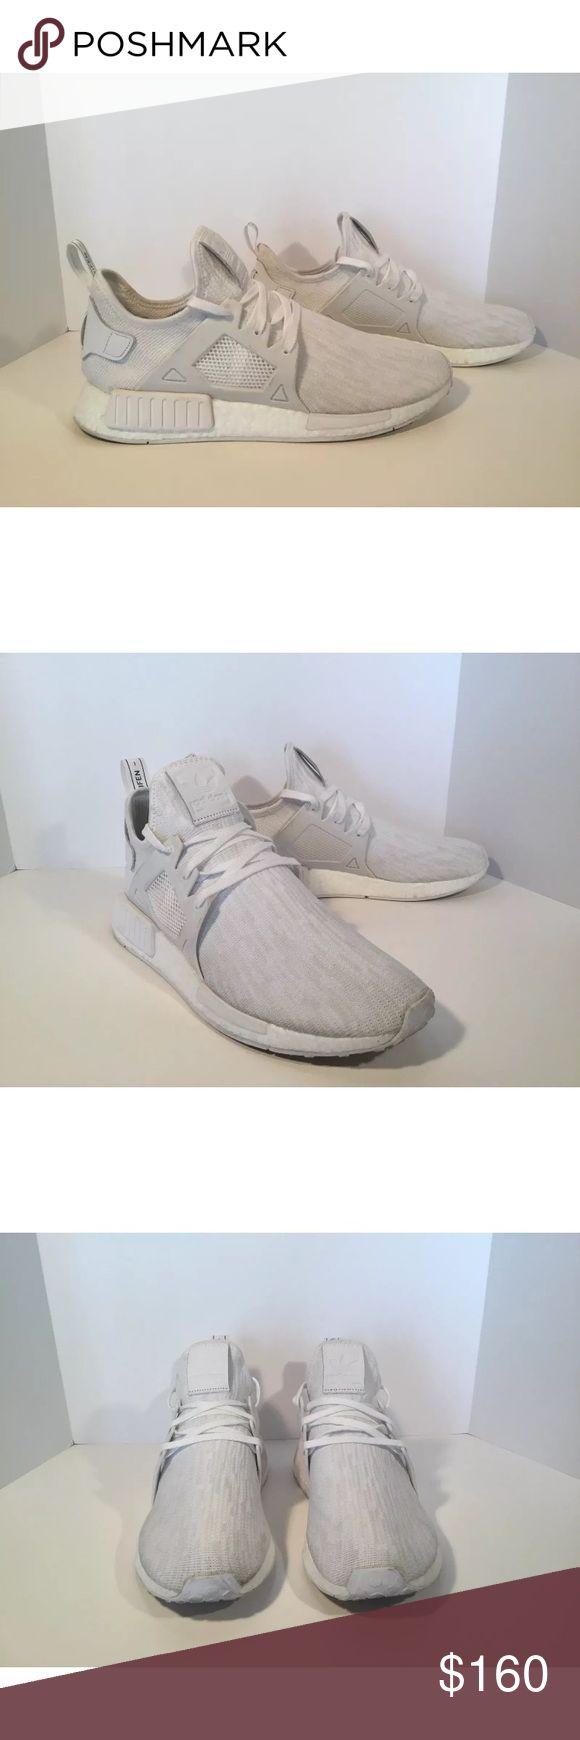 die besten 25 adidas nmd triple white ideen auf pinterest